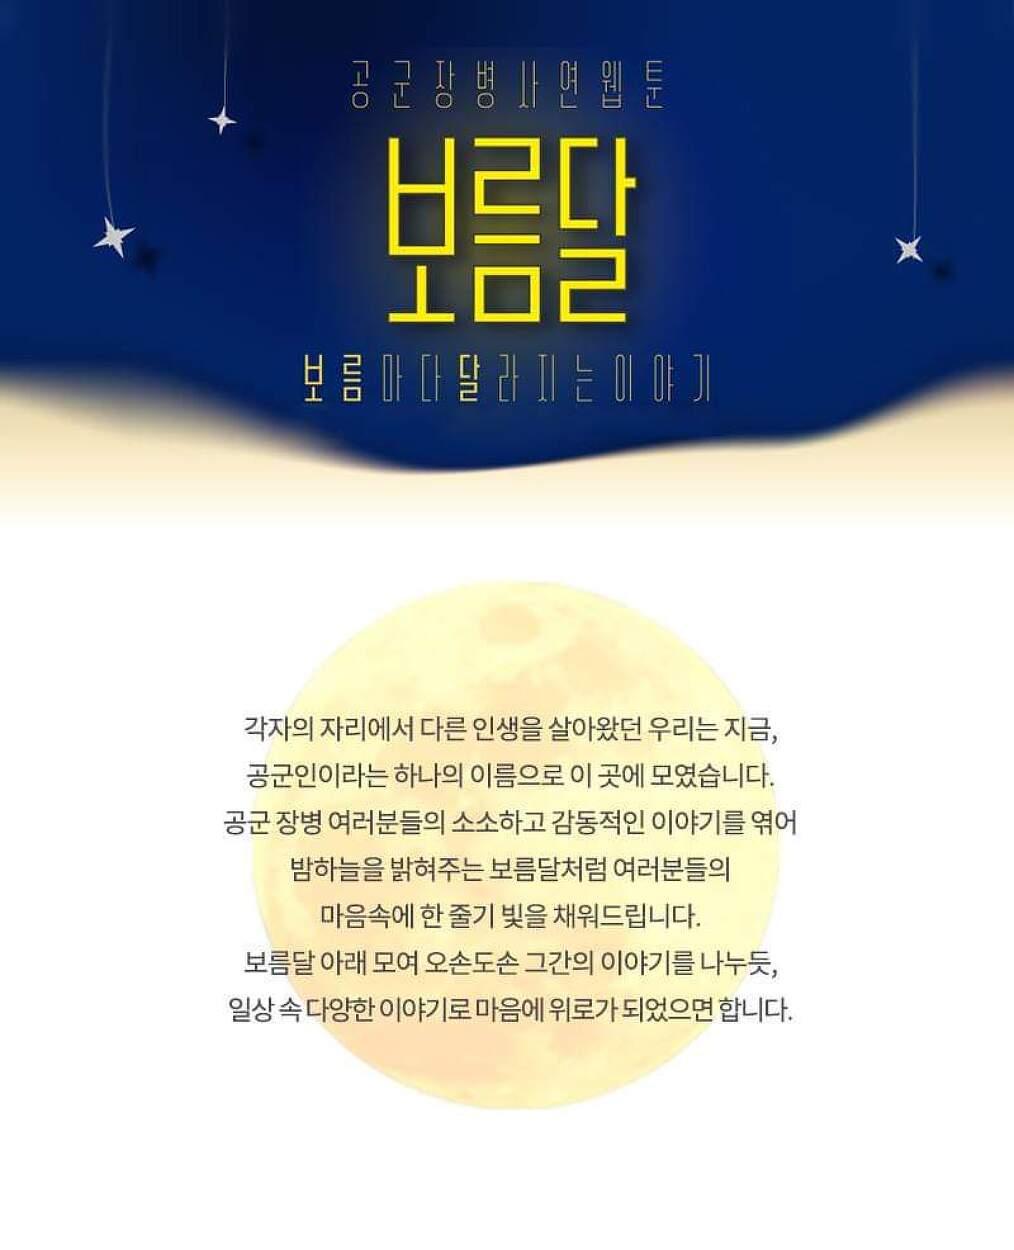 [보름달] 25화. 축제의 진짜 의미